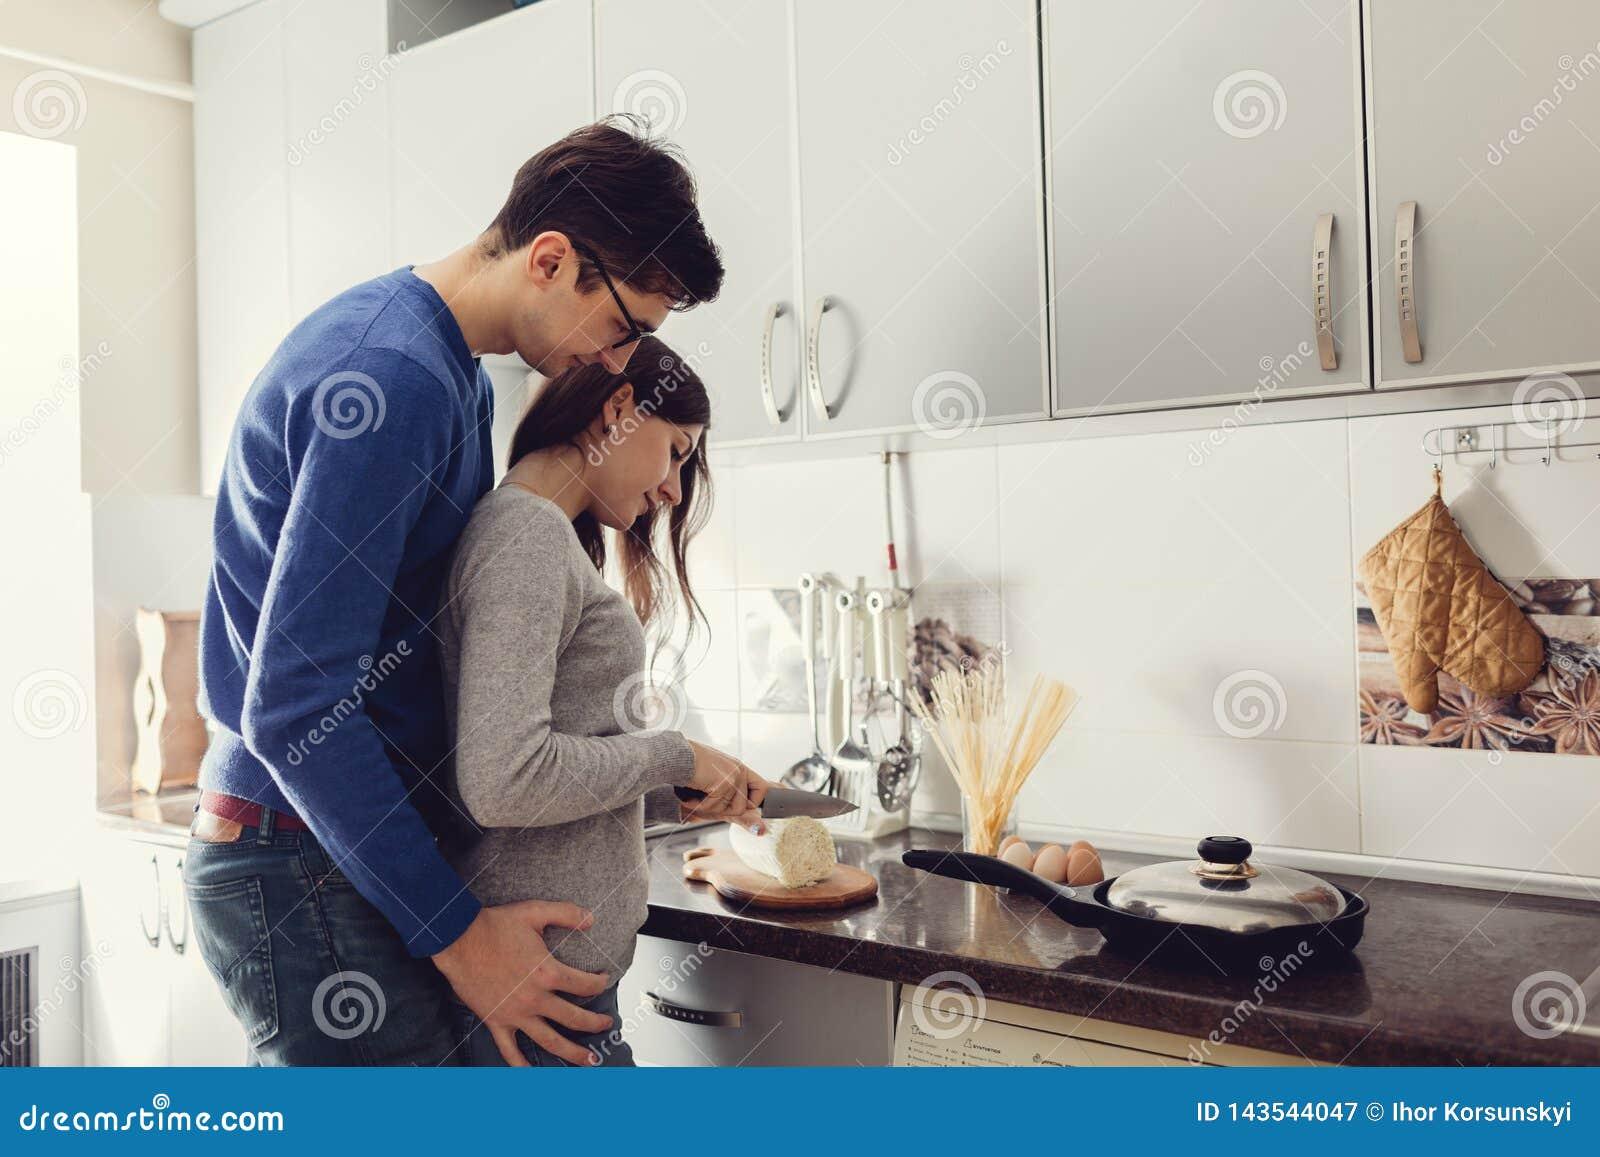 Junge Paare Auf Der Kche, Die Abendessen Umarmt Und Kocht Stockbild   Bild von spaß, paare ...